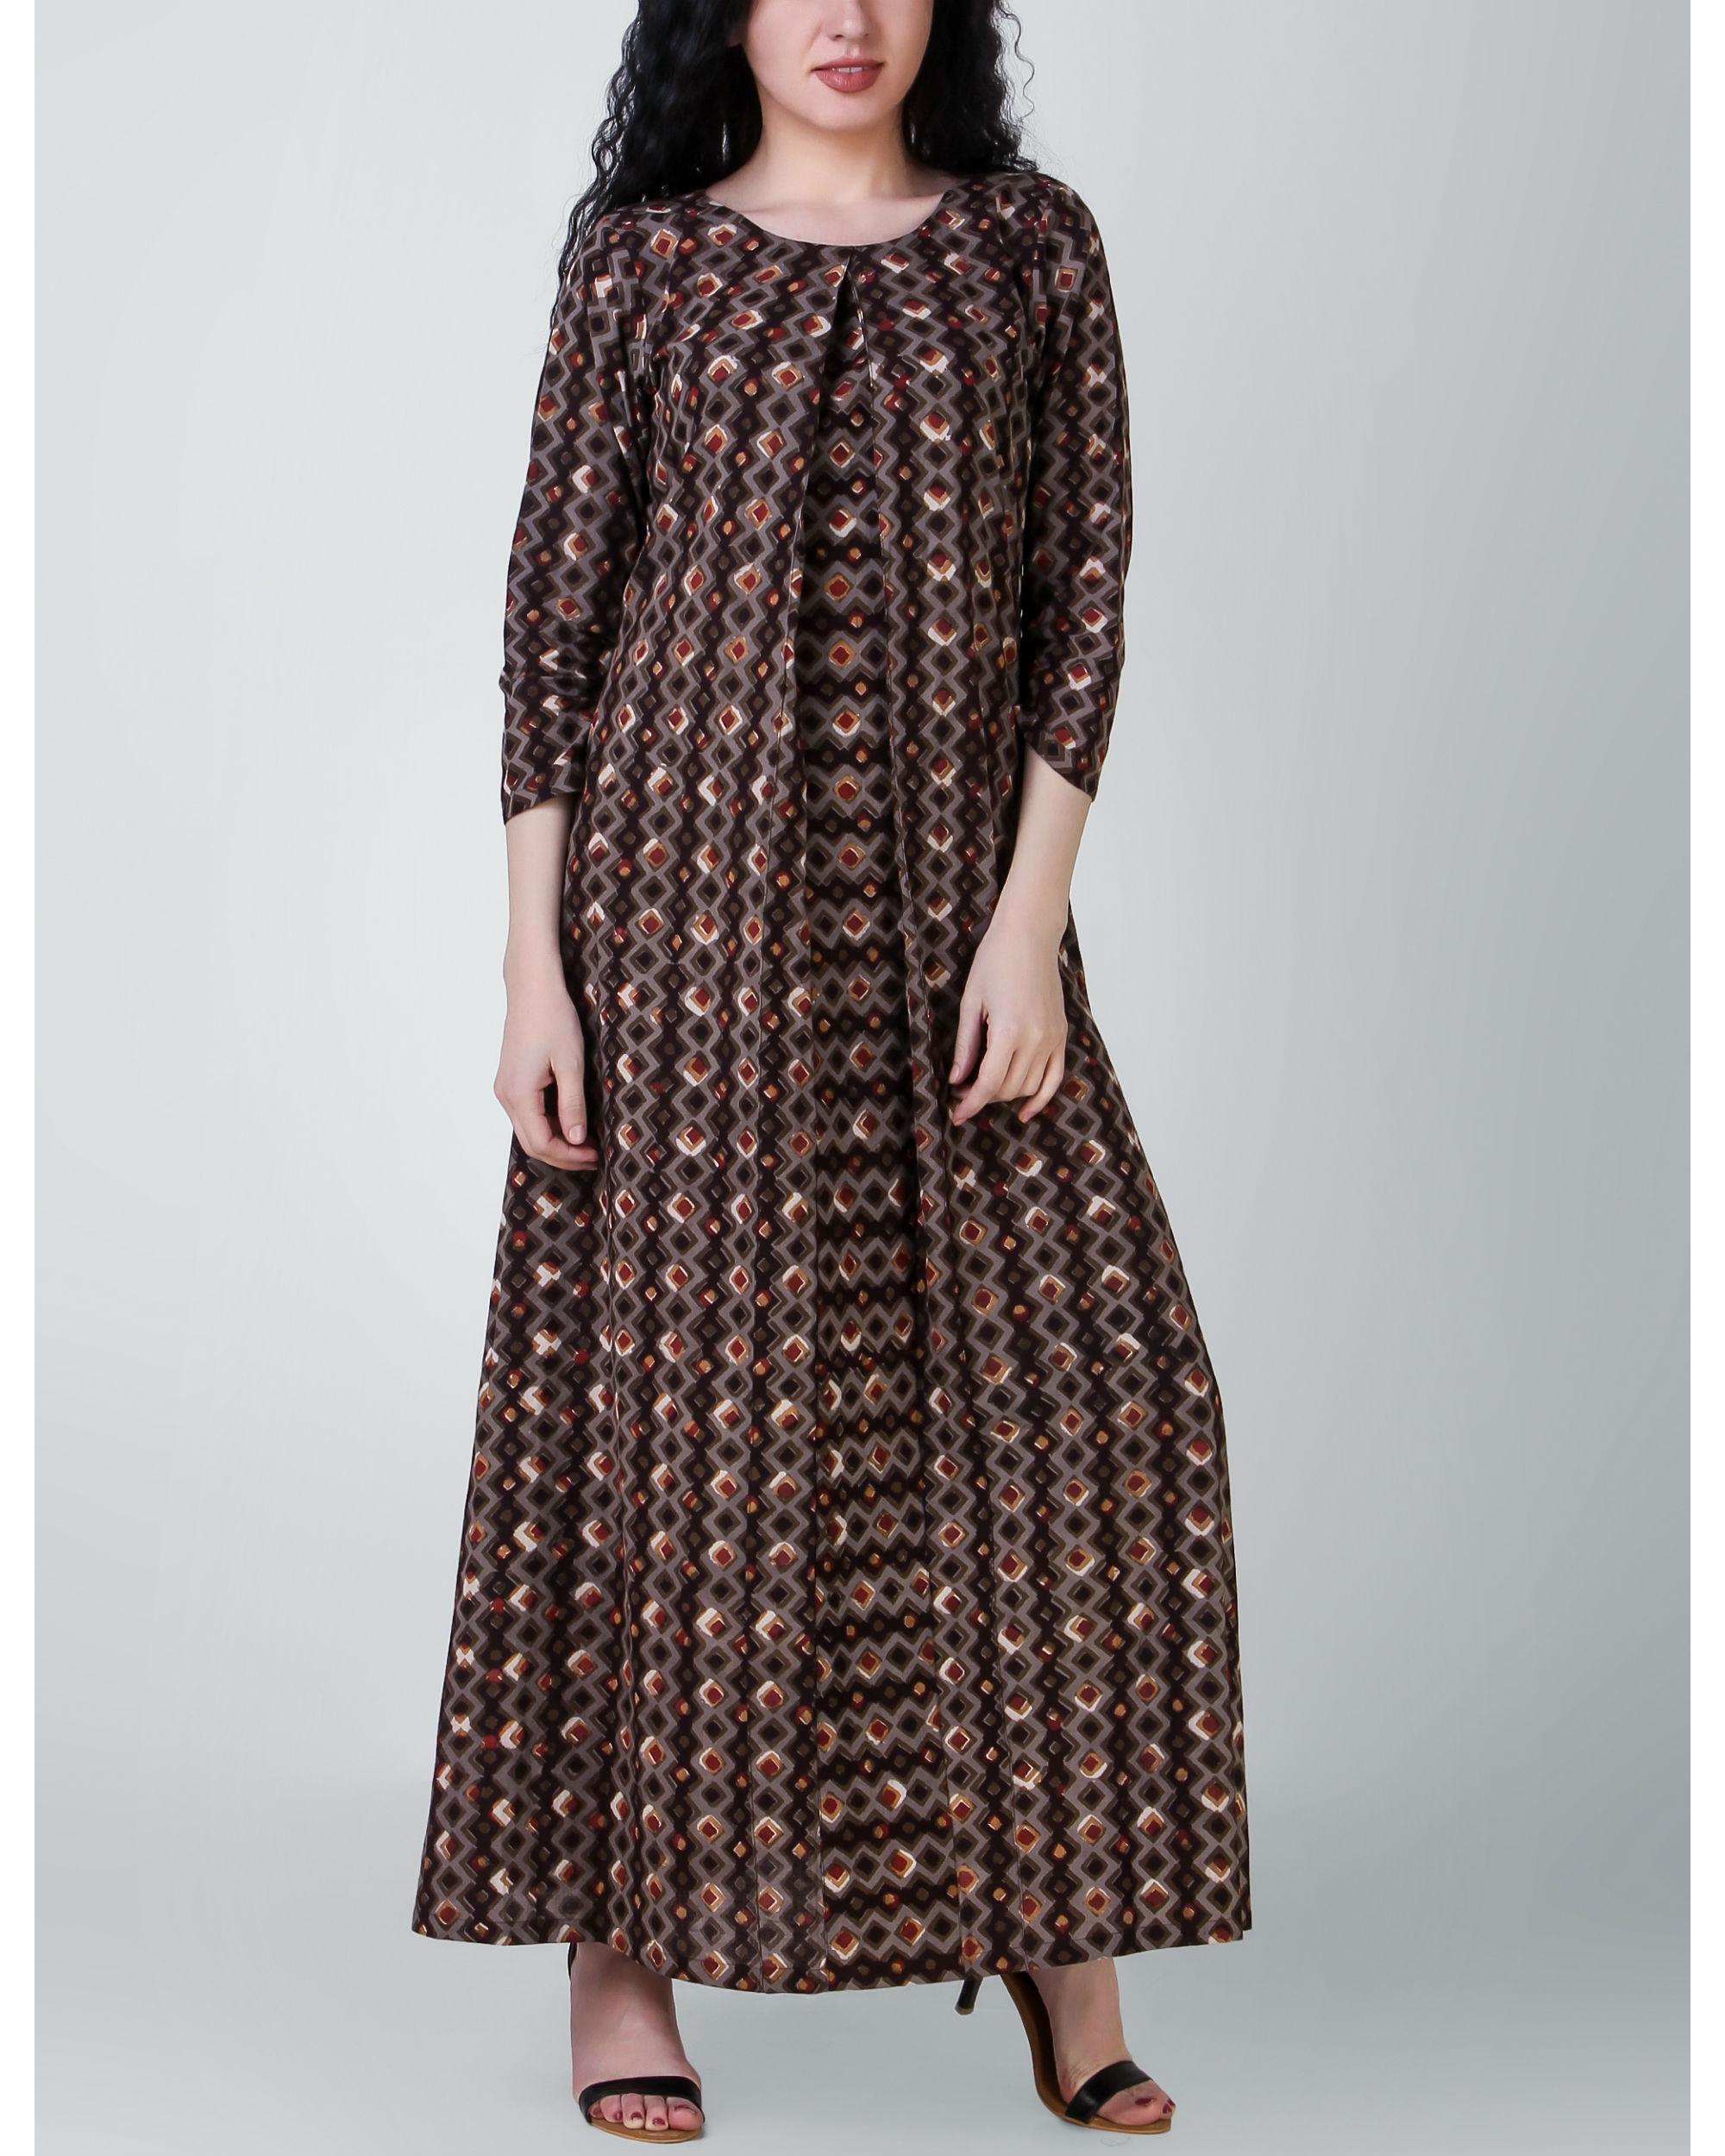 Brown dabu cotton dress